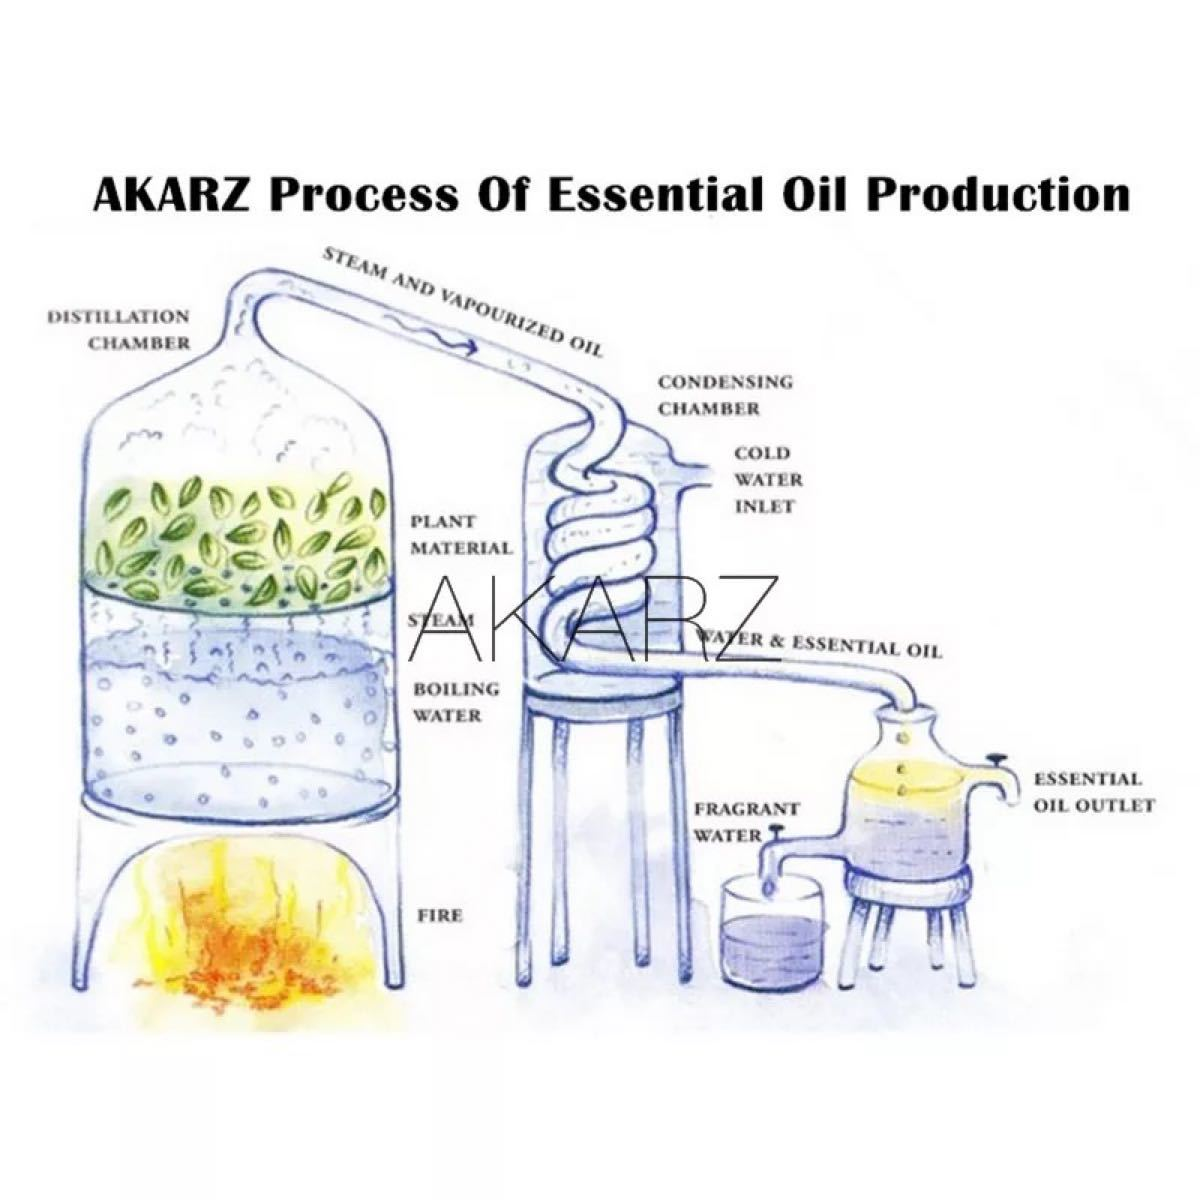 バニラ 10ml 精油 アロマオイル エッセンシャルオイル